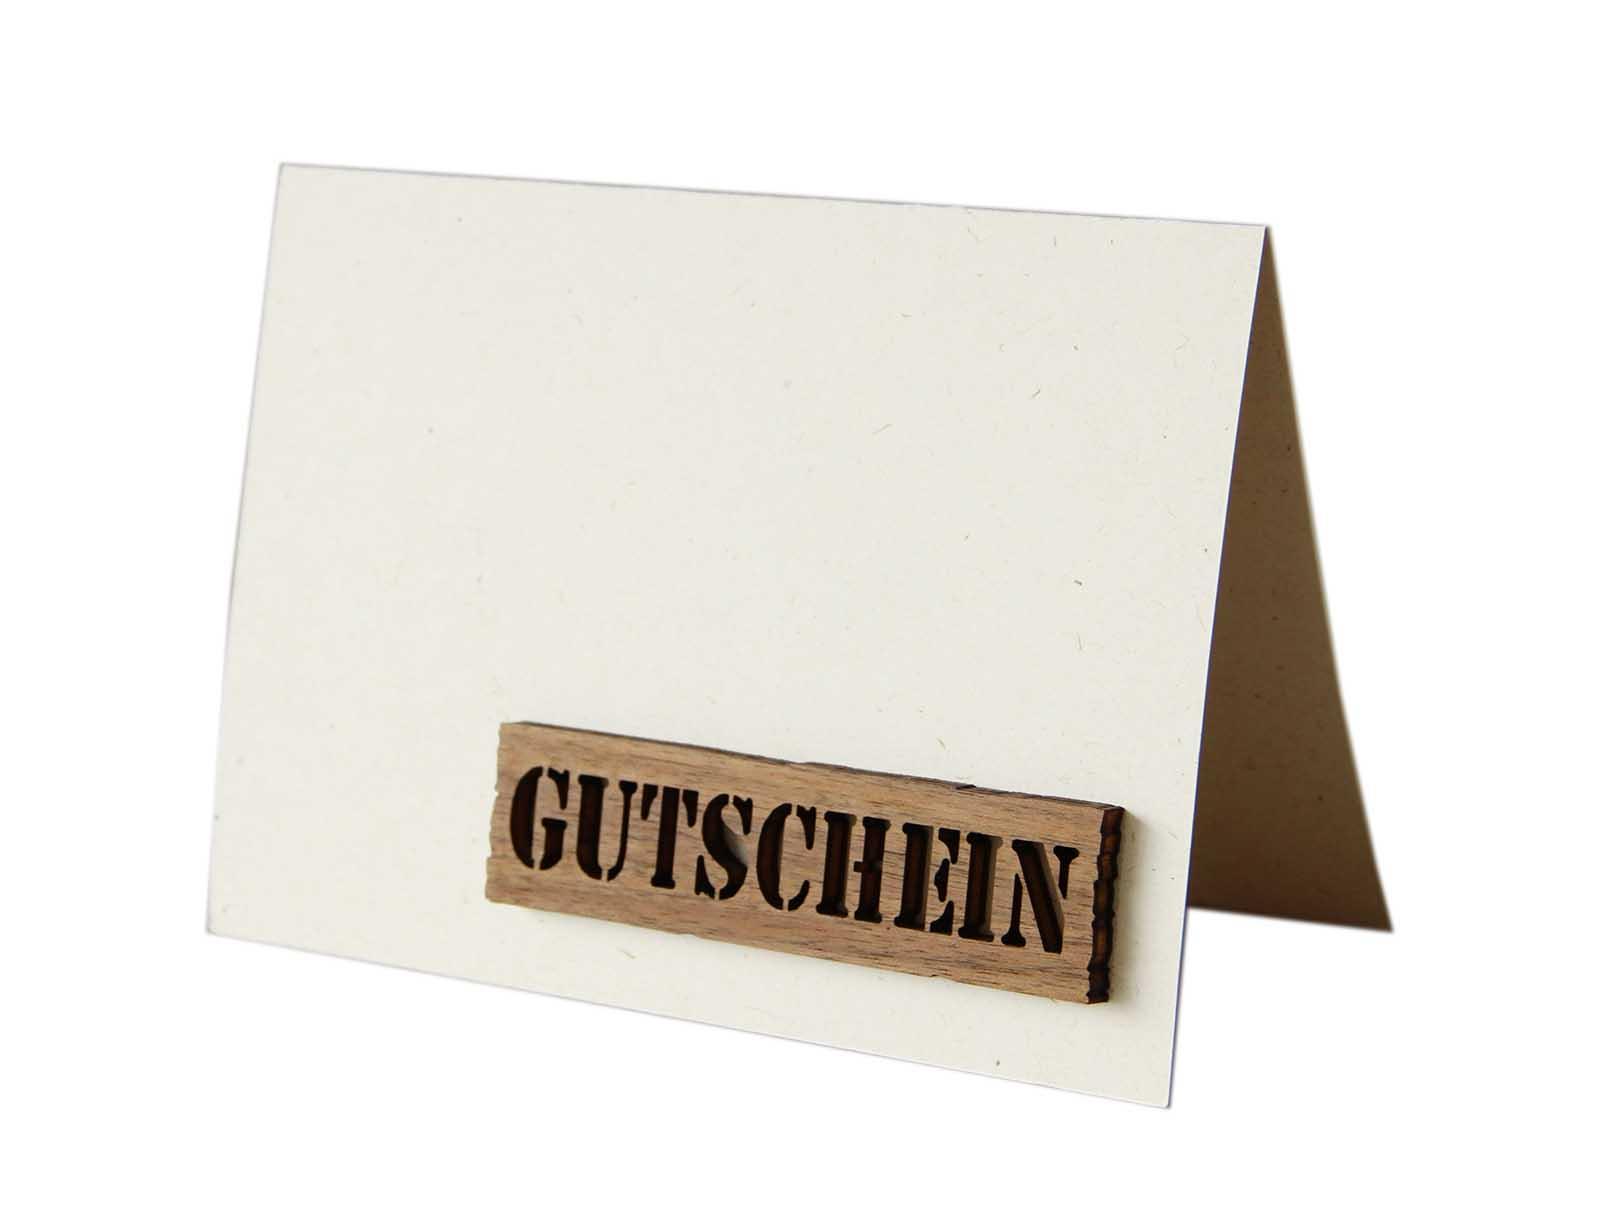 """Holzgrußkarte - Papierkarte mit Schriftzug aus Echtholz in Nuss """"Gutschein"""", Schriftzug mit rustikalem Balken, Postkarte, Geschenkkarte, Klappkarte, Karte, Gutscheinkarte"""